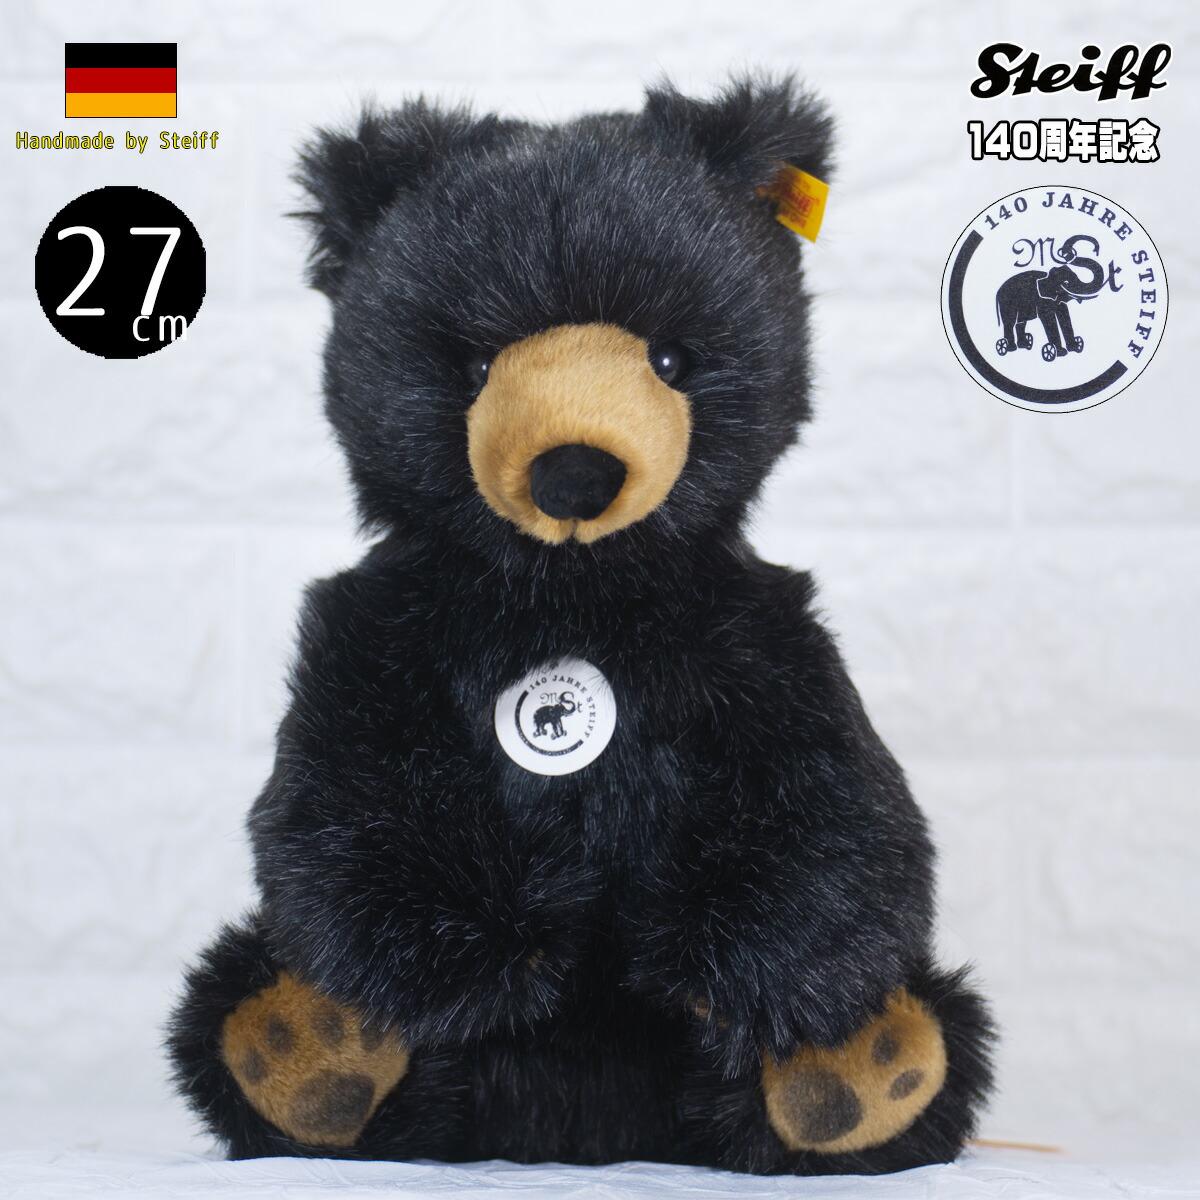 シュタイフ テディベア Steiff 140周年記念 ソフト ジョー ジー グリズリーベア 27cm steiff テディベア JOSEY GRIZZLY BEAR